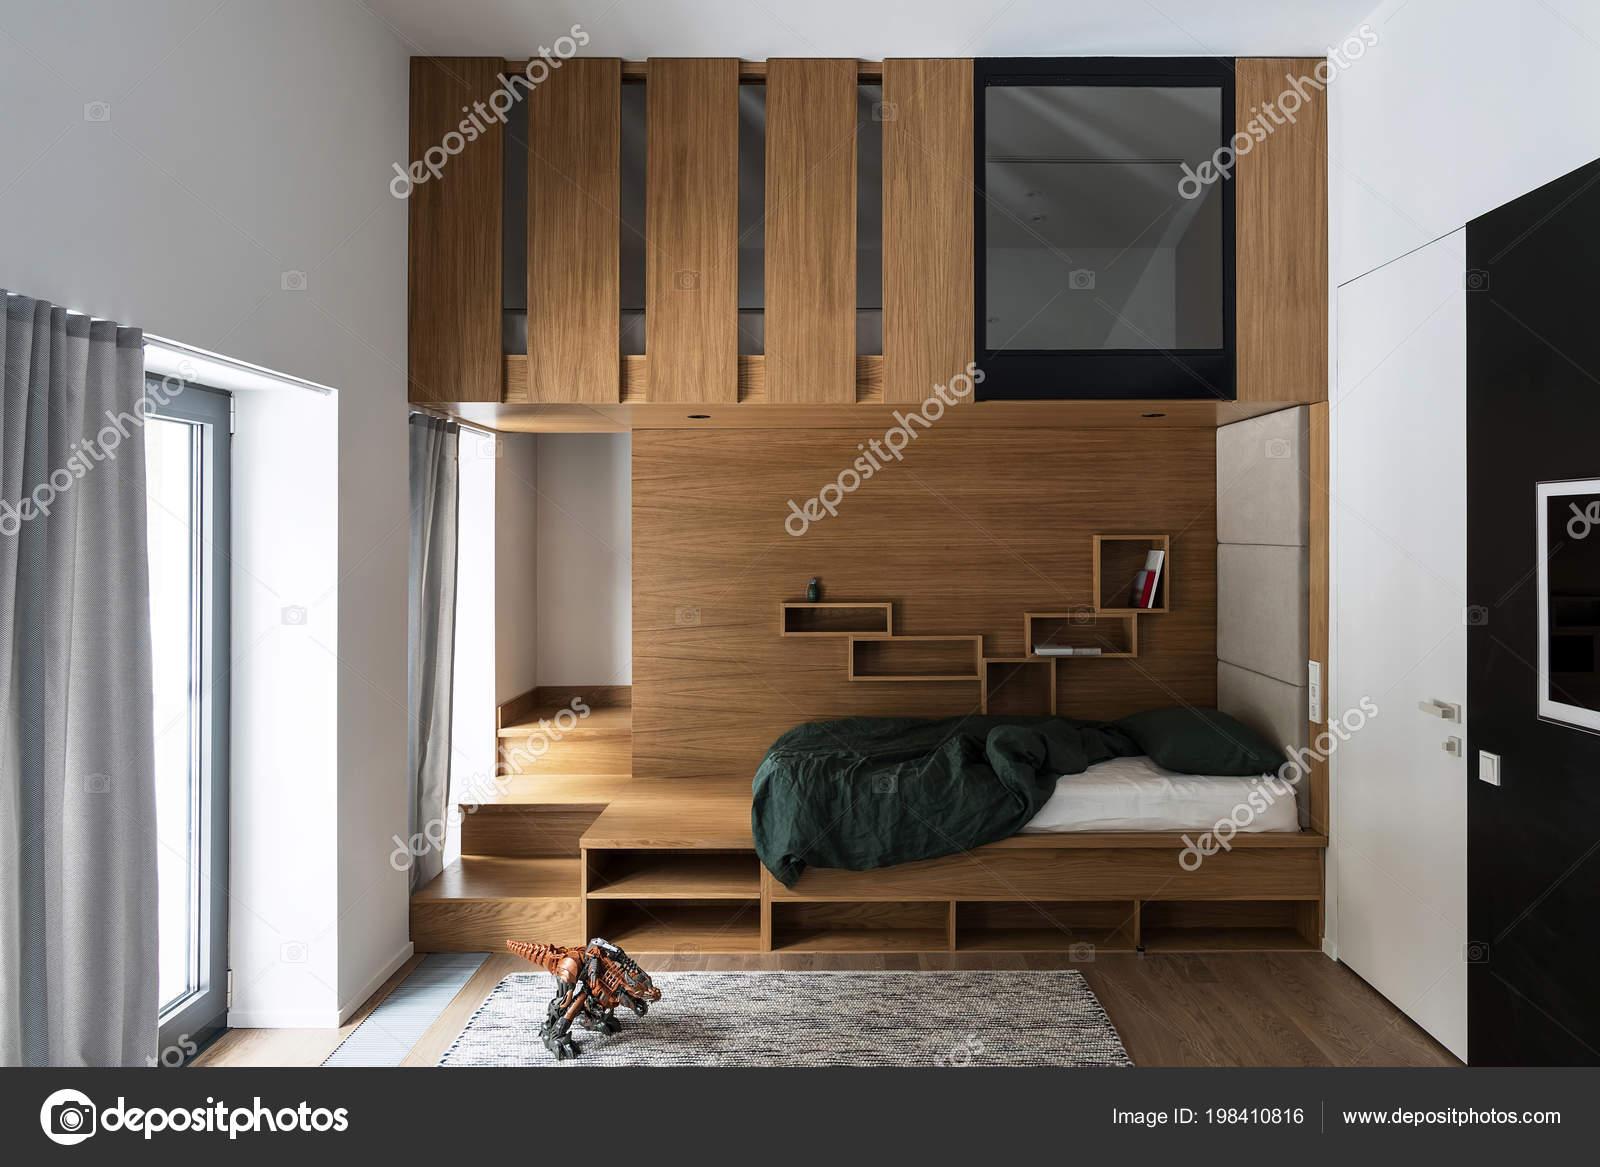 Детская комната в современном стиле u2014 Стоковое фото © bezikus #198410816